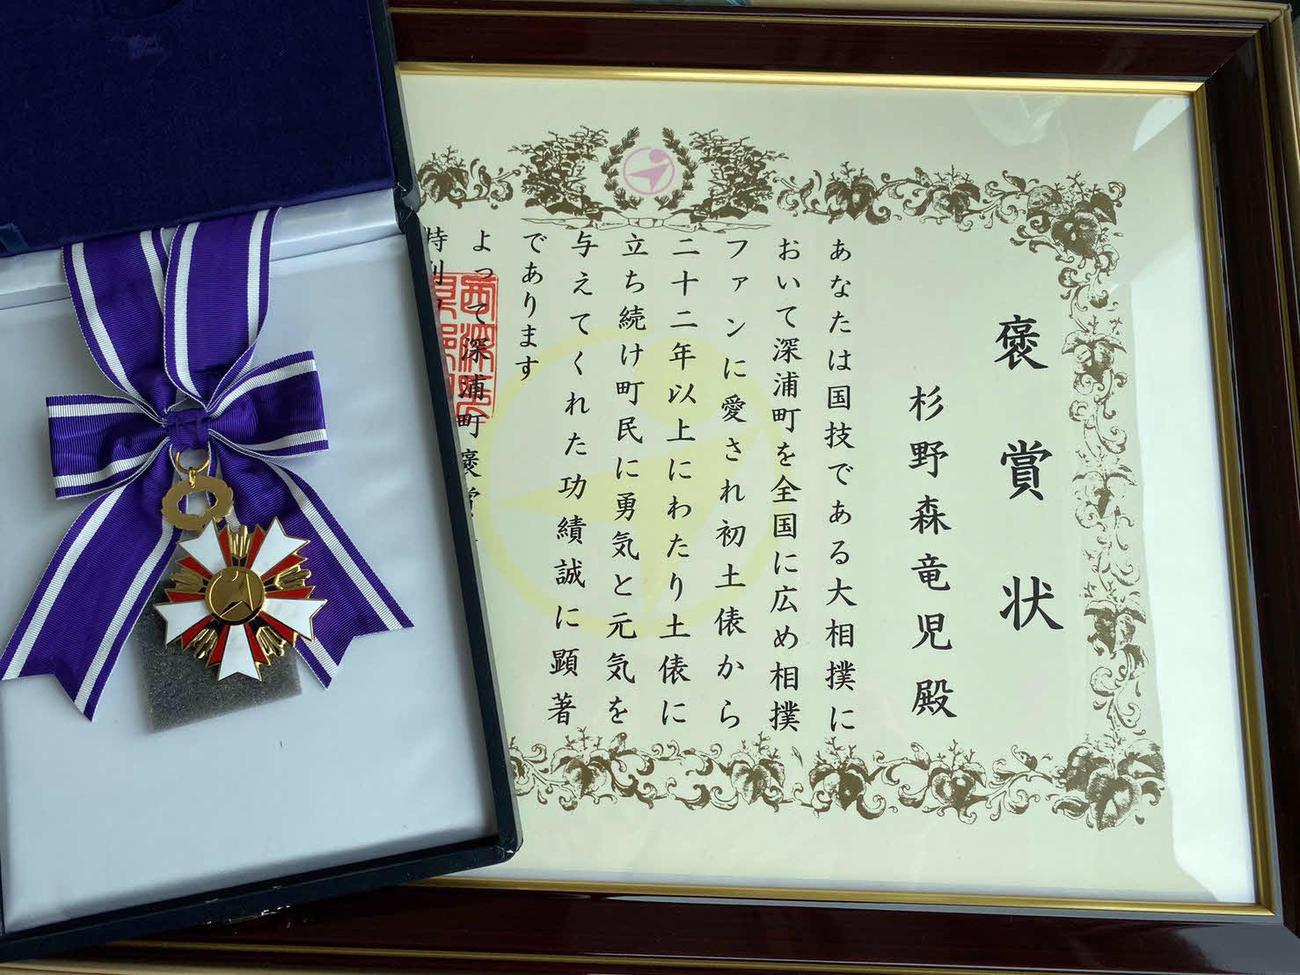 安治川親方(元関脇安美錦)が出身地の青森・深浦町から受賞した特別功労褒賞の褒賞状